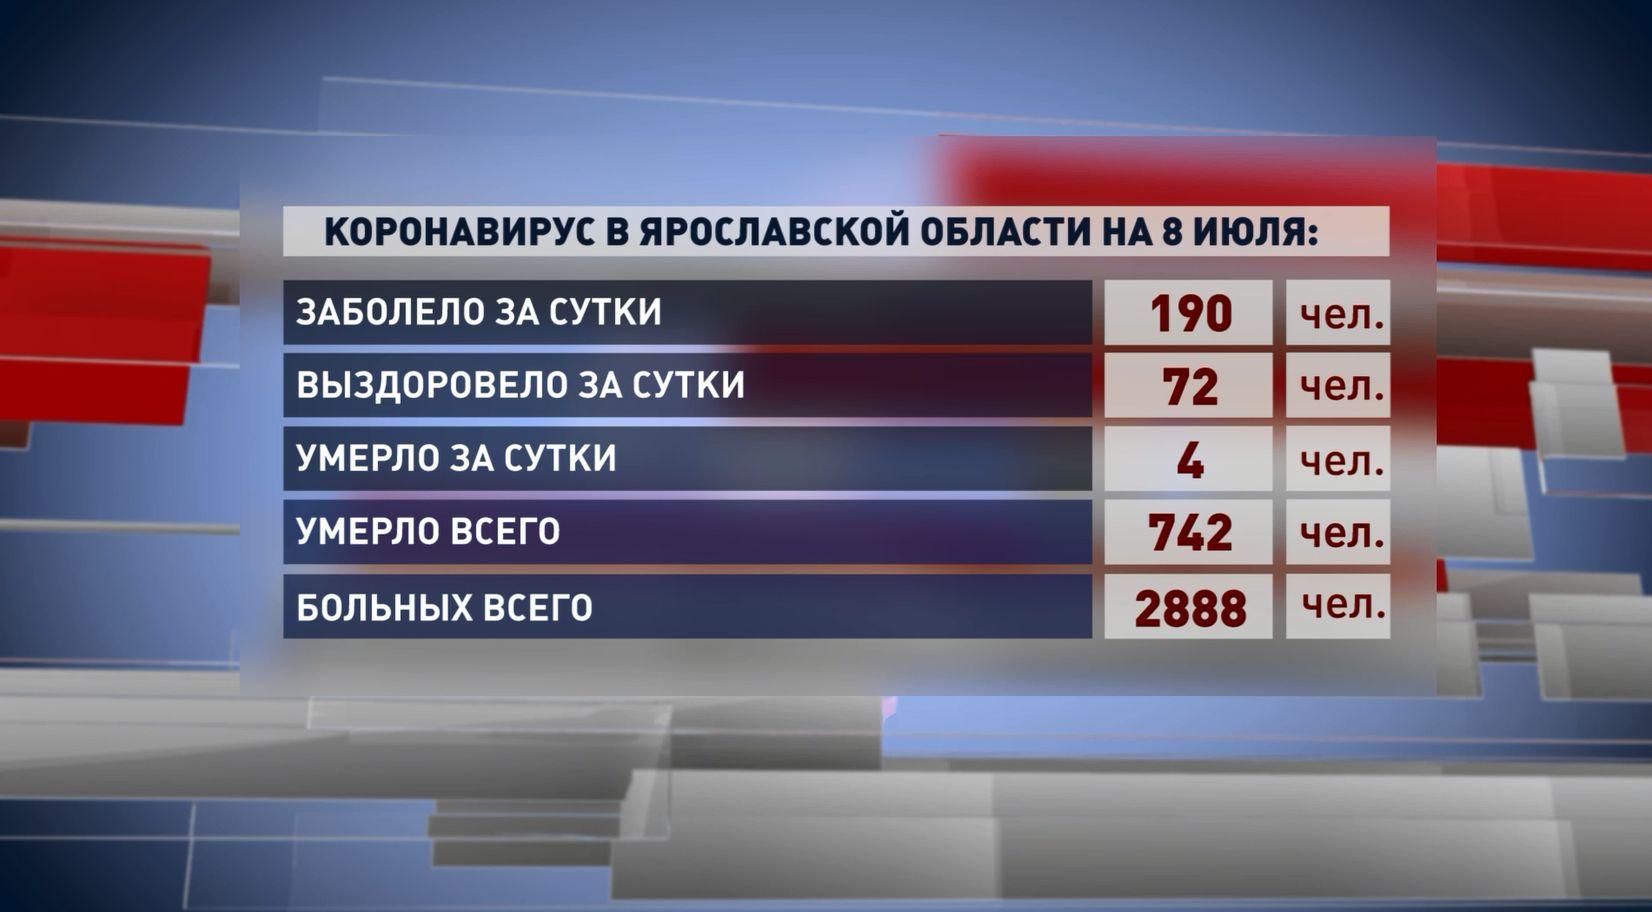 190 жителей Ярославской области заболели коронавирусом за минувшие сутки